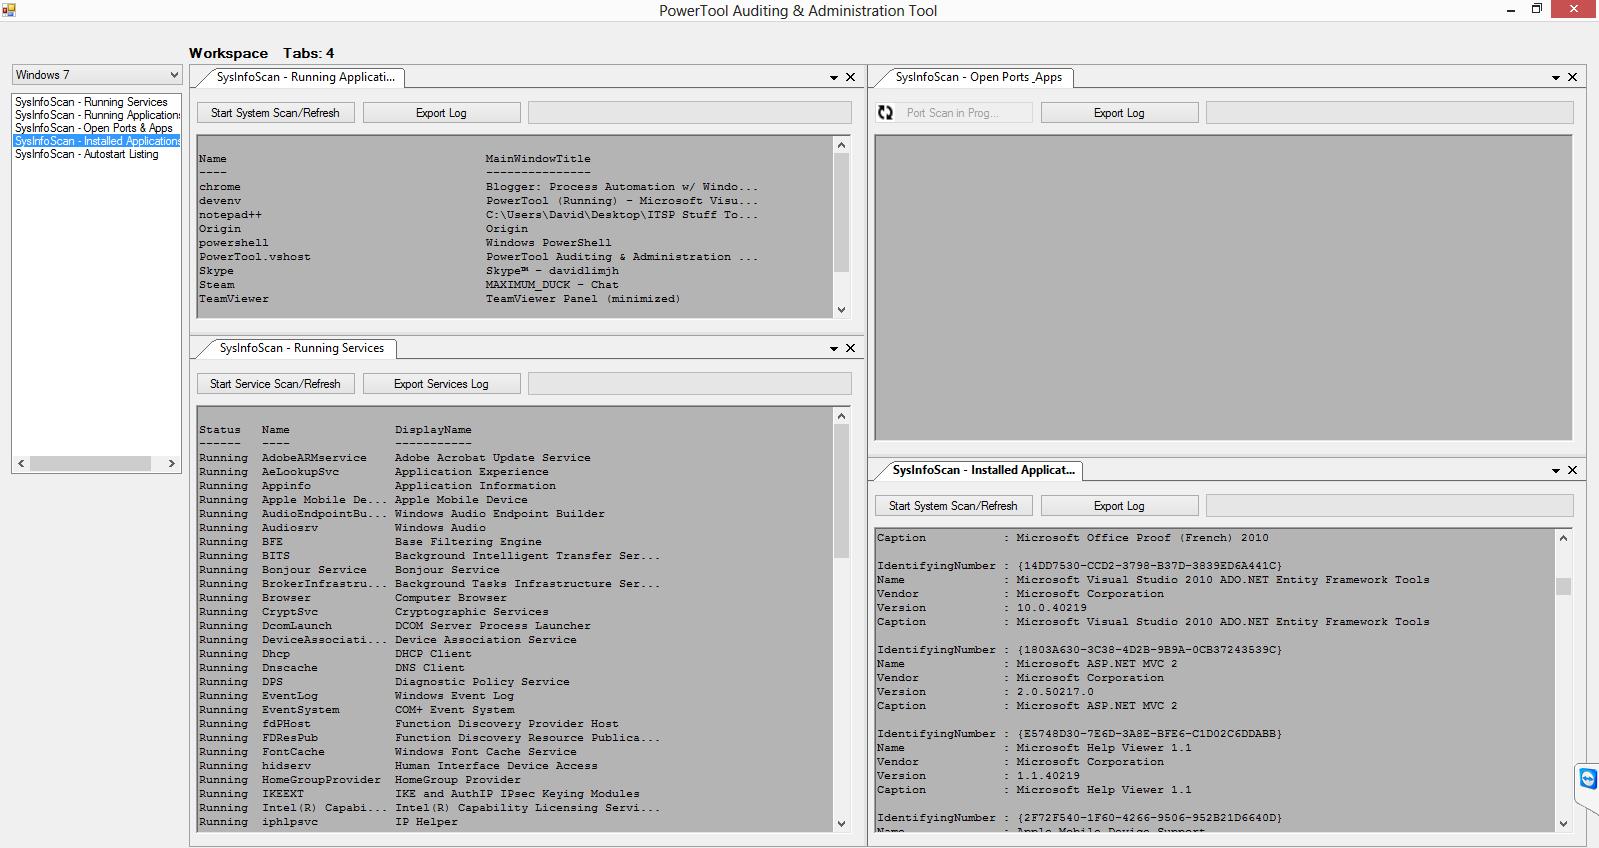 Process Automation w/ Windows Powershell: PowerShell GUI - Switching